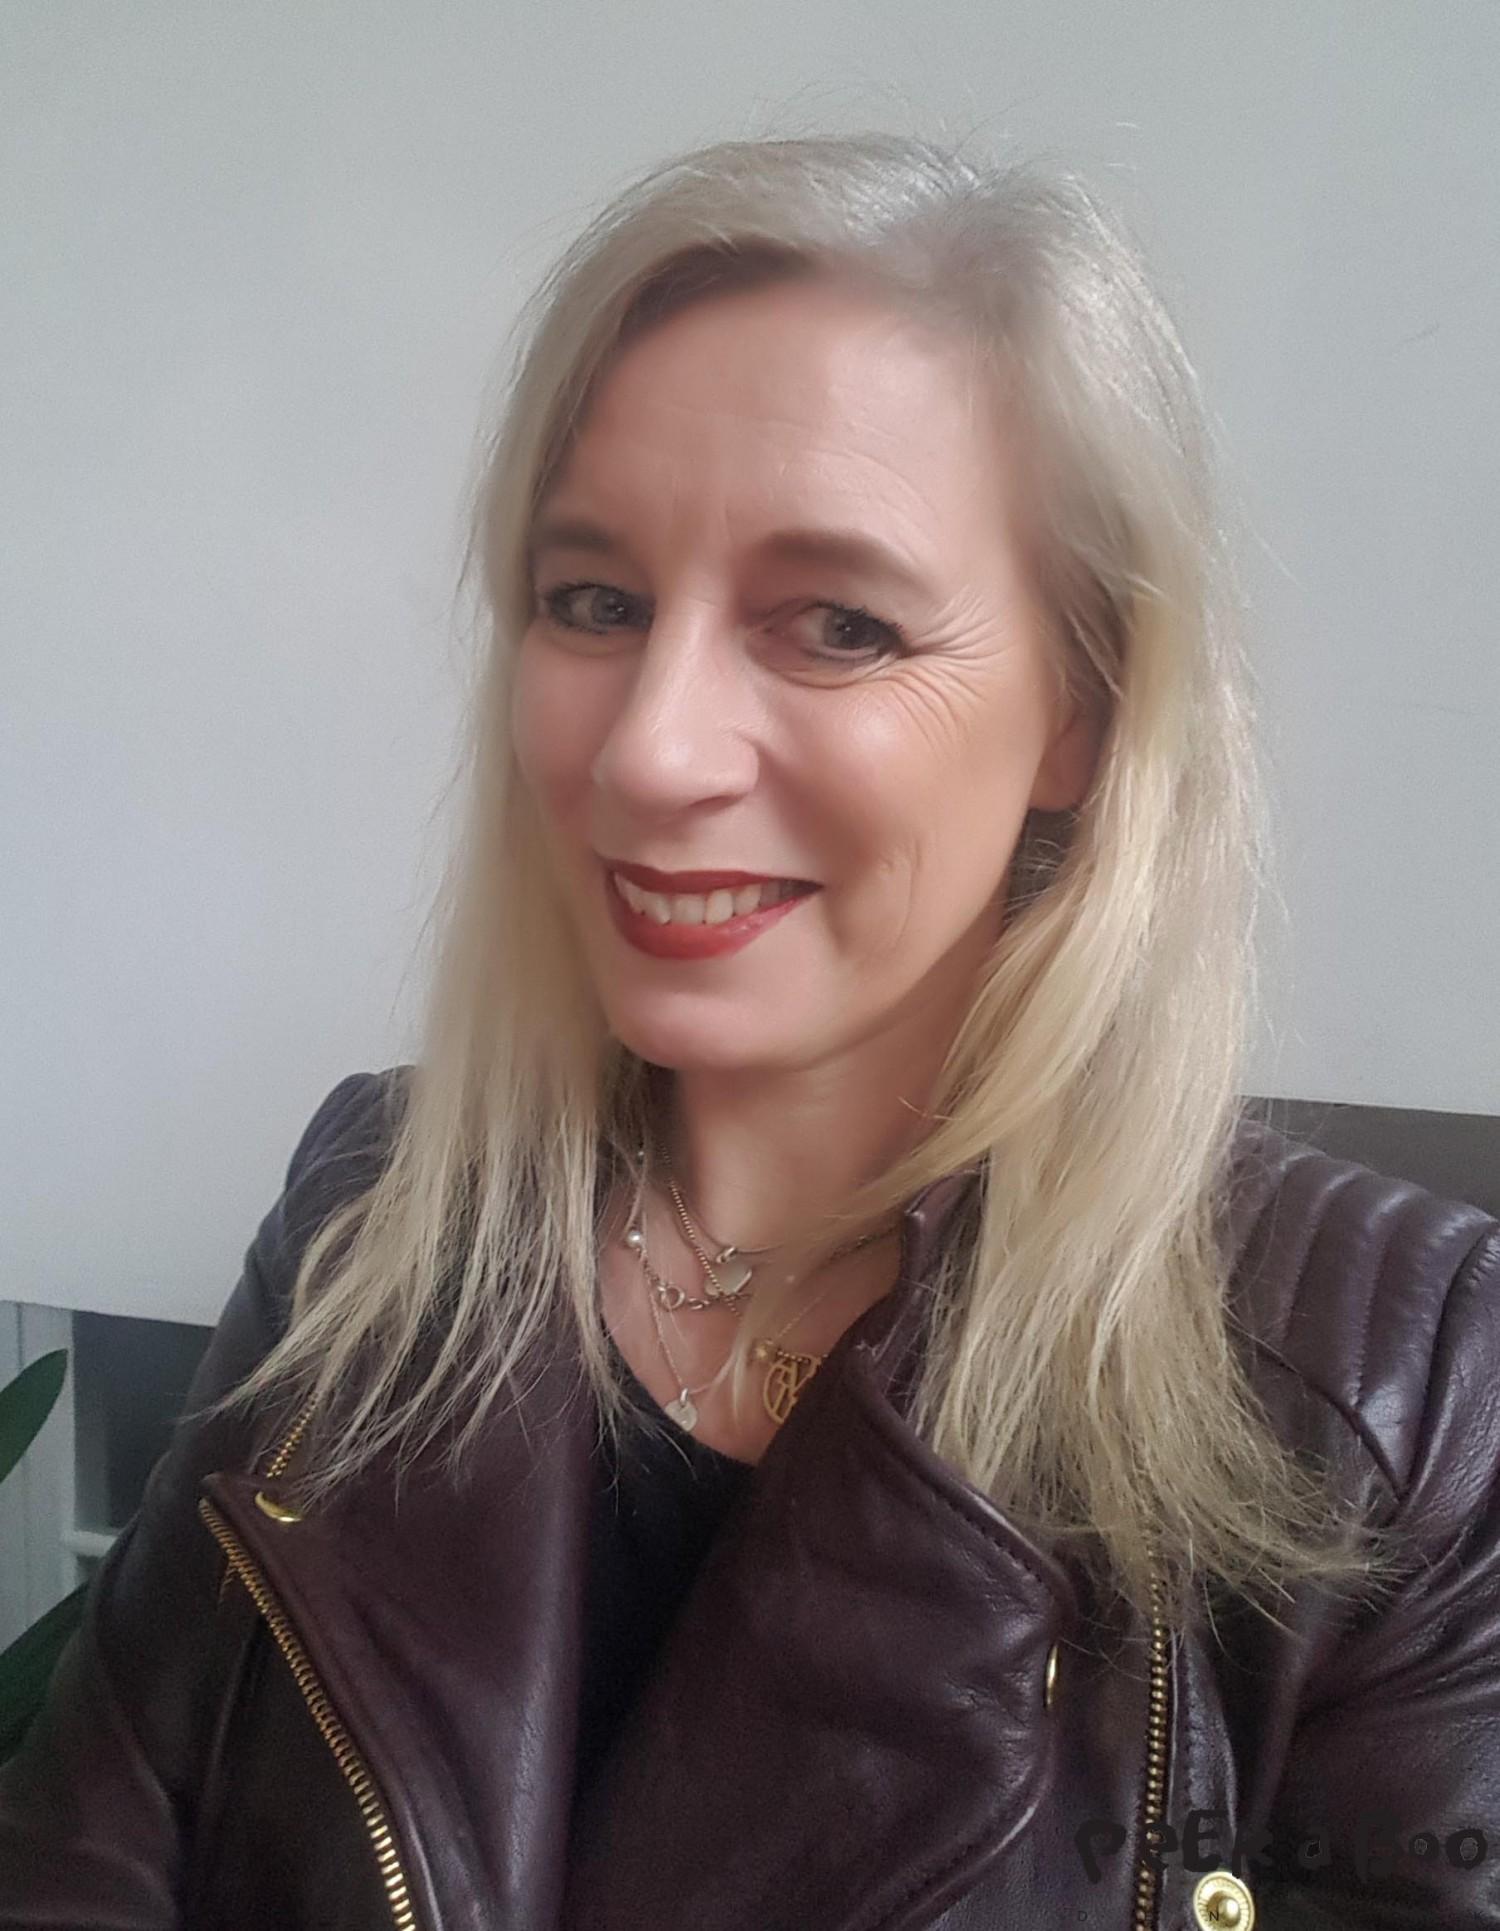 Lene Nissen wearing Sandstone scandinavia makeup.